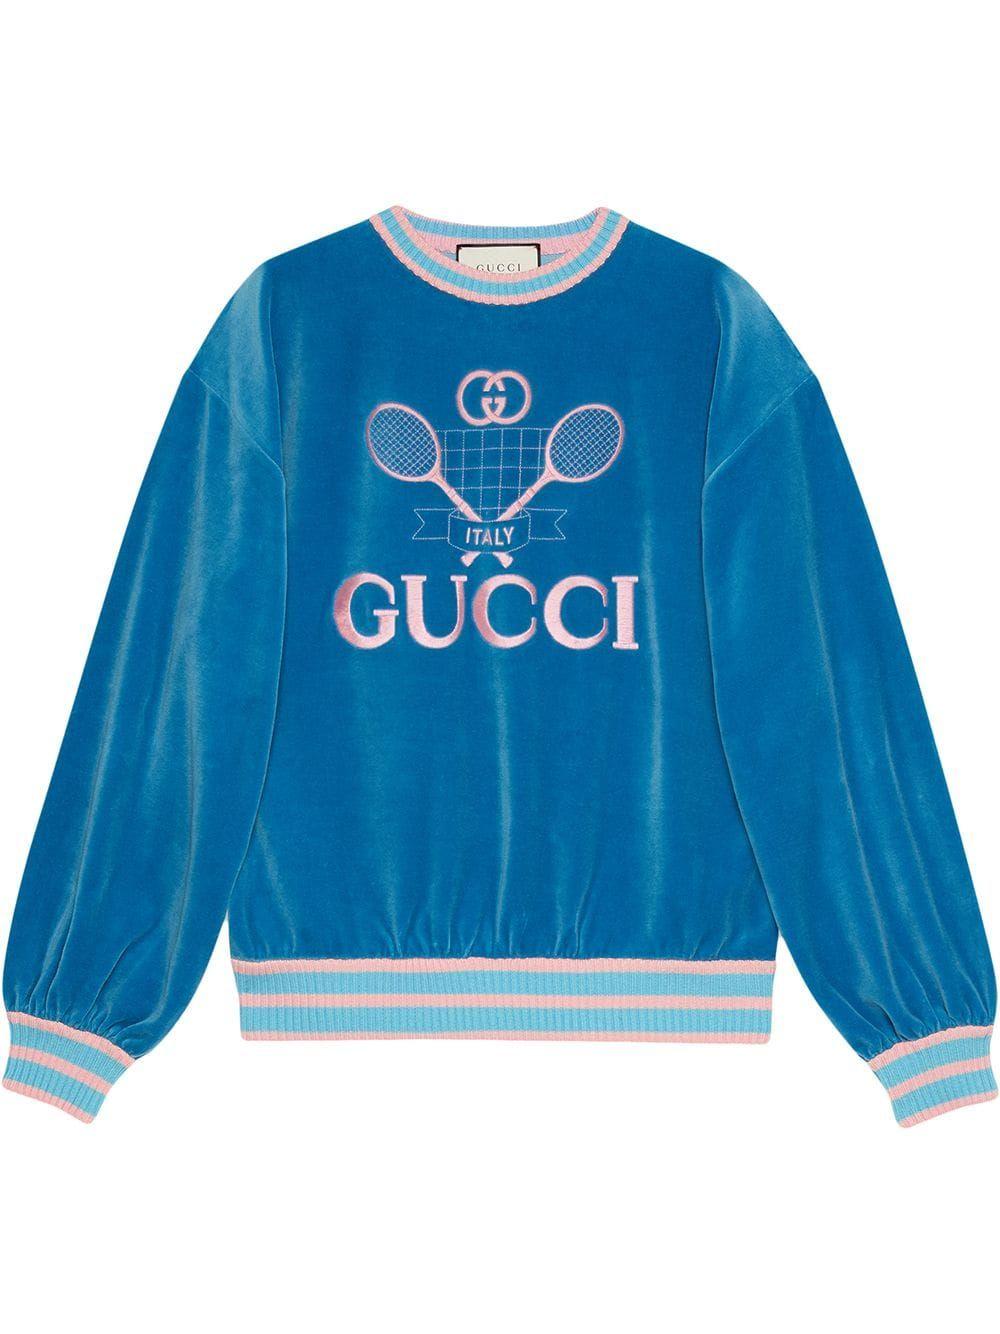 Gucci Sweatshirt With Gucci Tennis Farfetch Gucci Sweatshirt Sweatshirts Gucci Sweater [ 1334 x 1000 Pixel ]